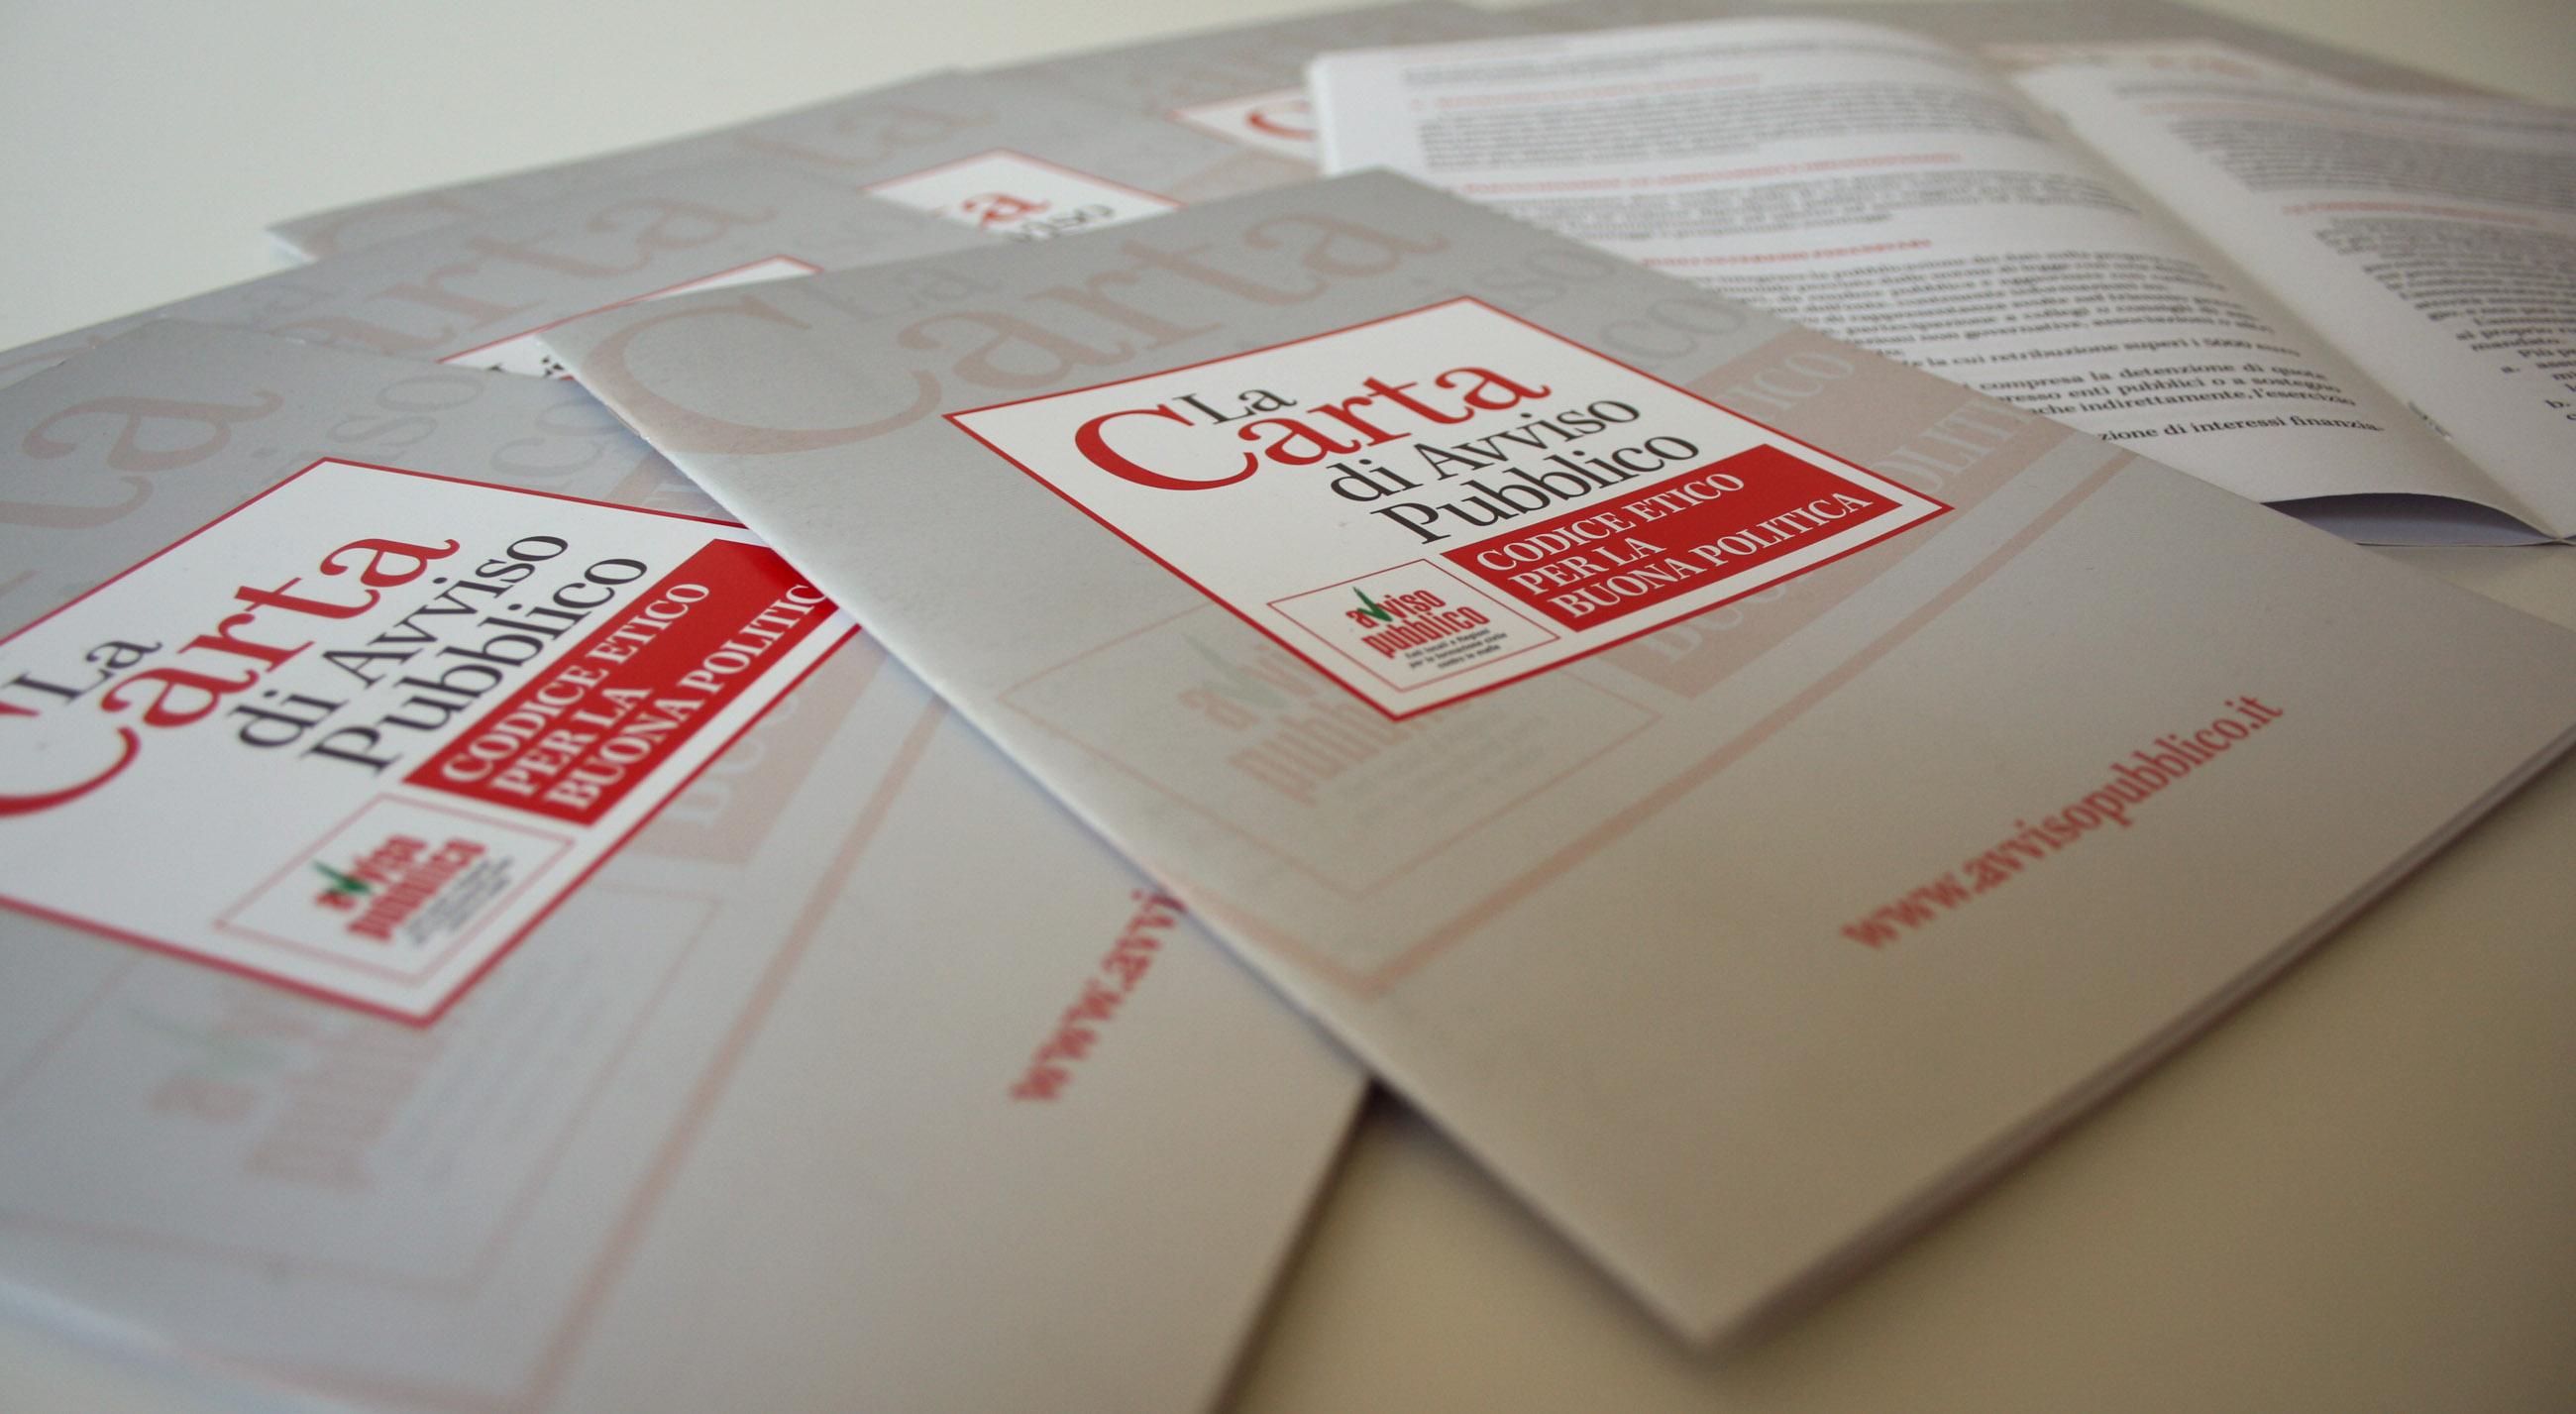 Carta di Avviso Pubblico: 23 consiglieri del Comune di Viterbo aderiscono al nostro codice etico